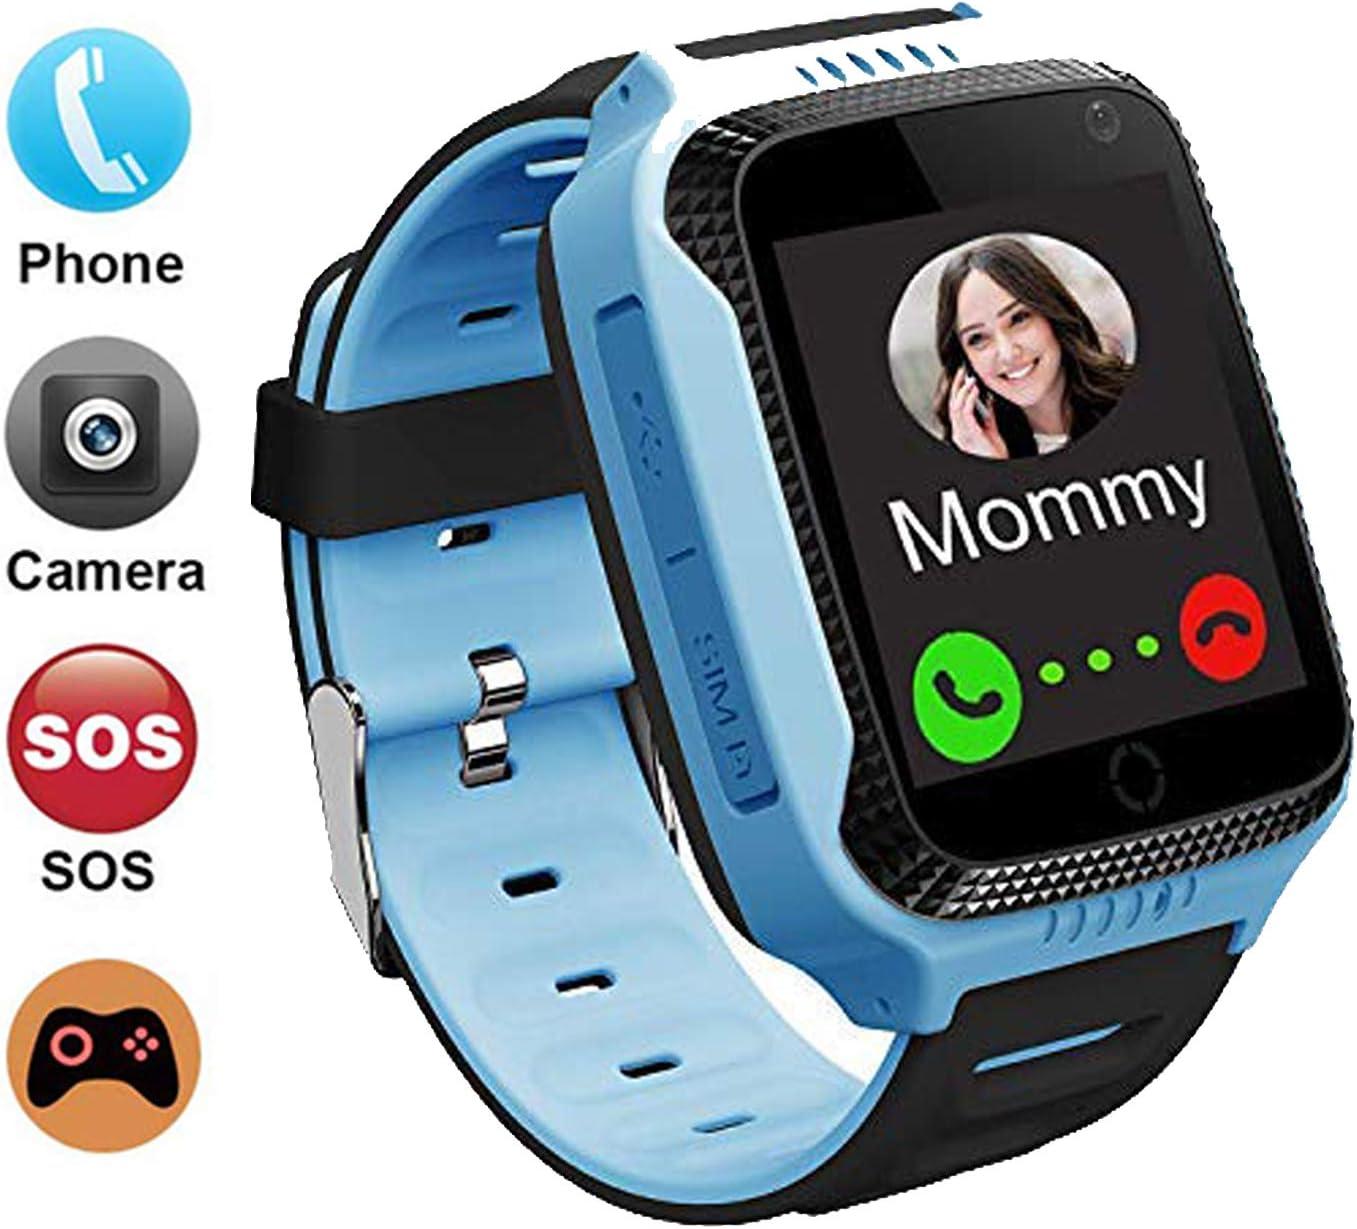 GPS localizador Reloj Inteligente para Niños Telefono, GPS Tracker Anti-pérdida para Smartwatch, Perímetro de Seguridad, Cámera, SOS, Linterna, Juegos Digitales, Niños Regalo de 3 a 13 Años(Azul)